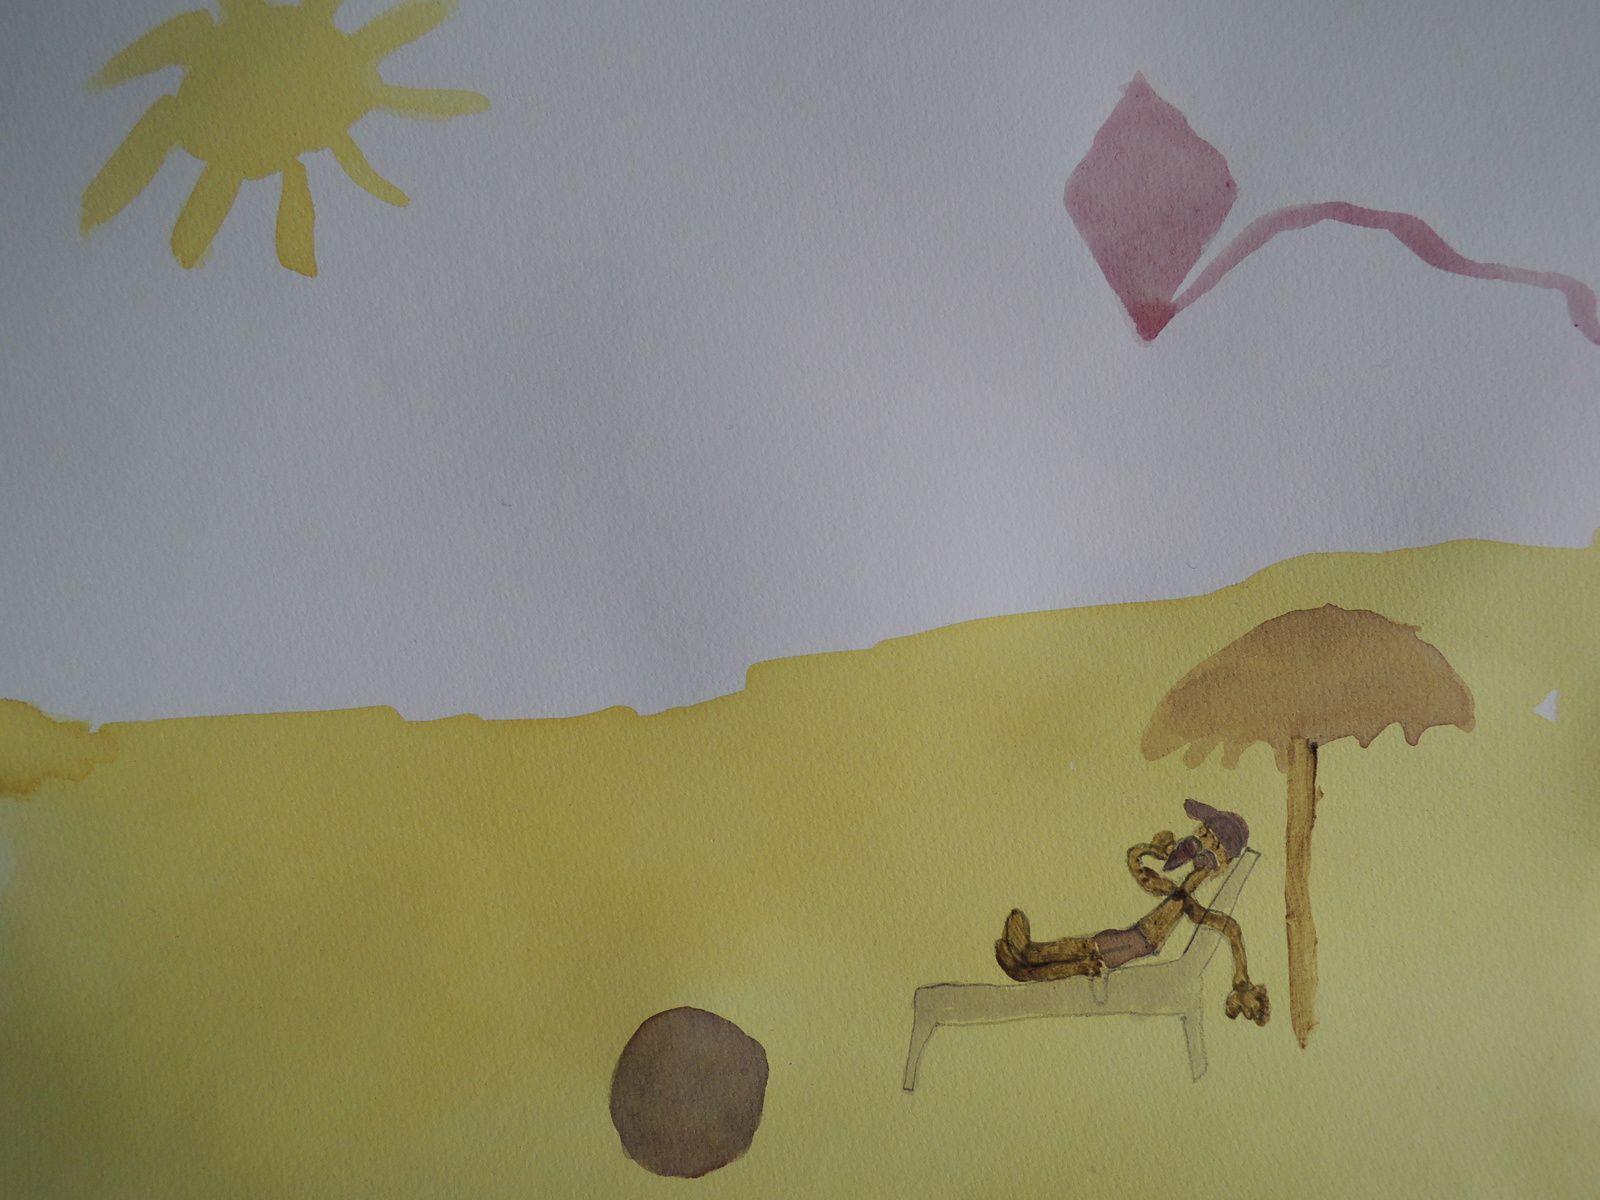 А теперь представим себе знойный летний день на одуванчиковом песке под маковым зонтиком со свекольным мороженым в руках